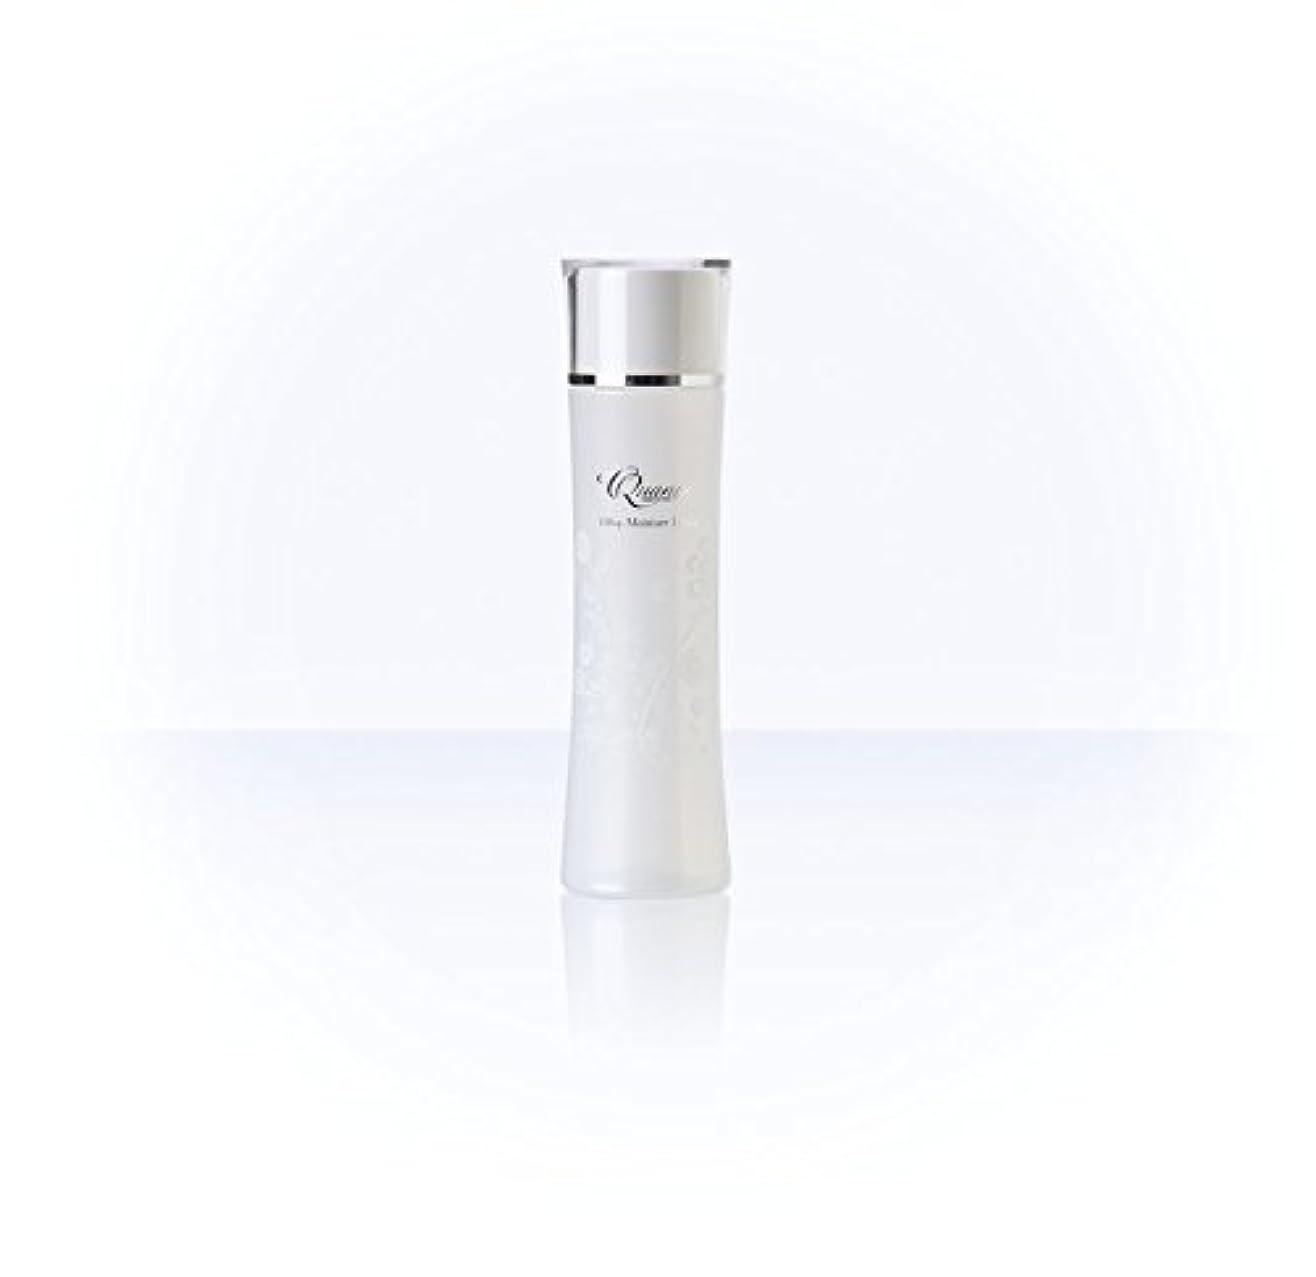 給料奨励します恨みQuanis (クオニス) フィルアップ モイスチュアローション [化粧水] スキンケア ローション 美容液 (保湿 乾燥) 150ml